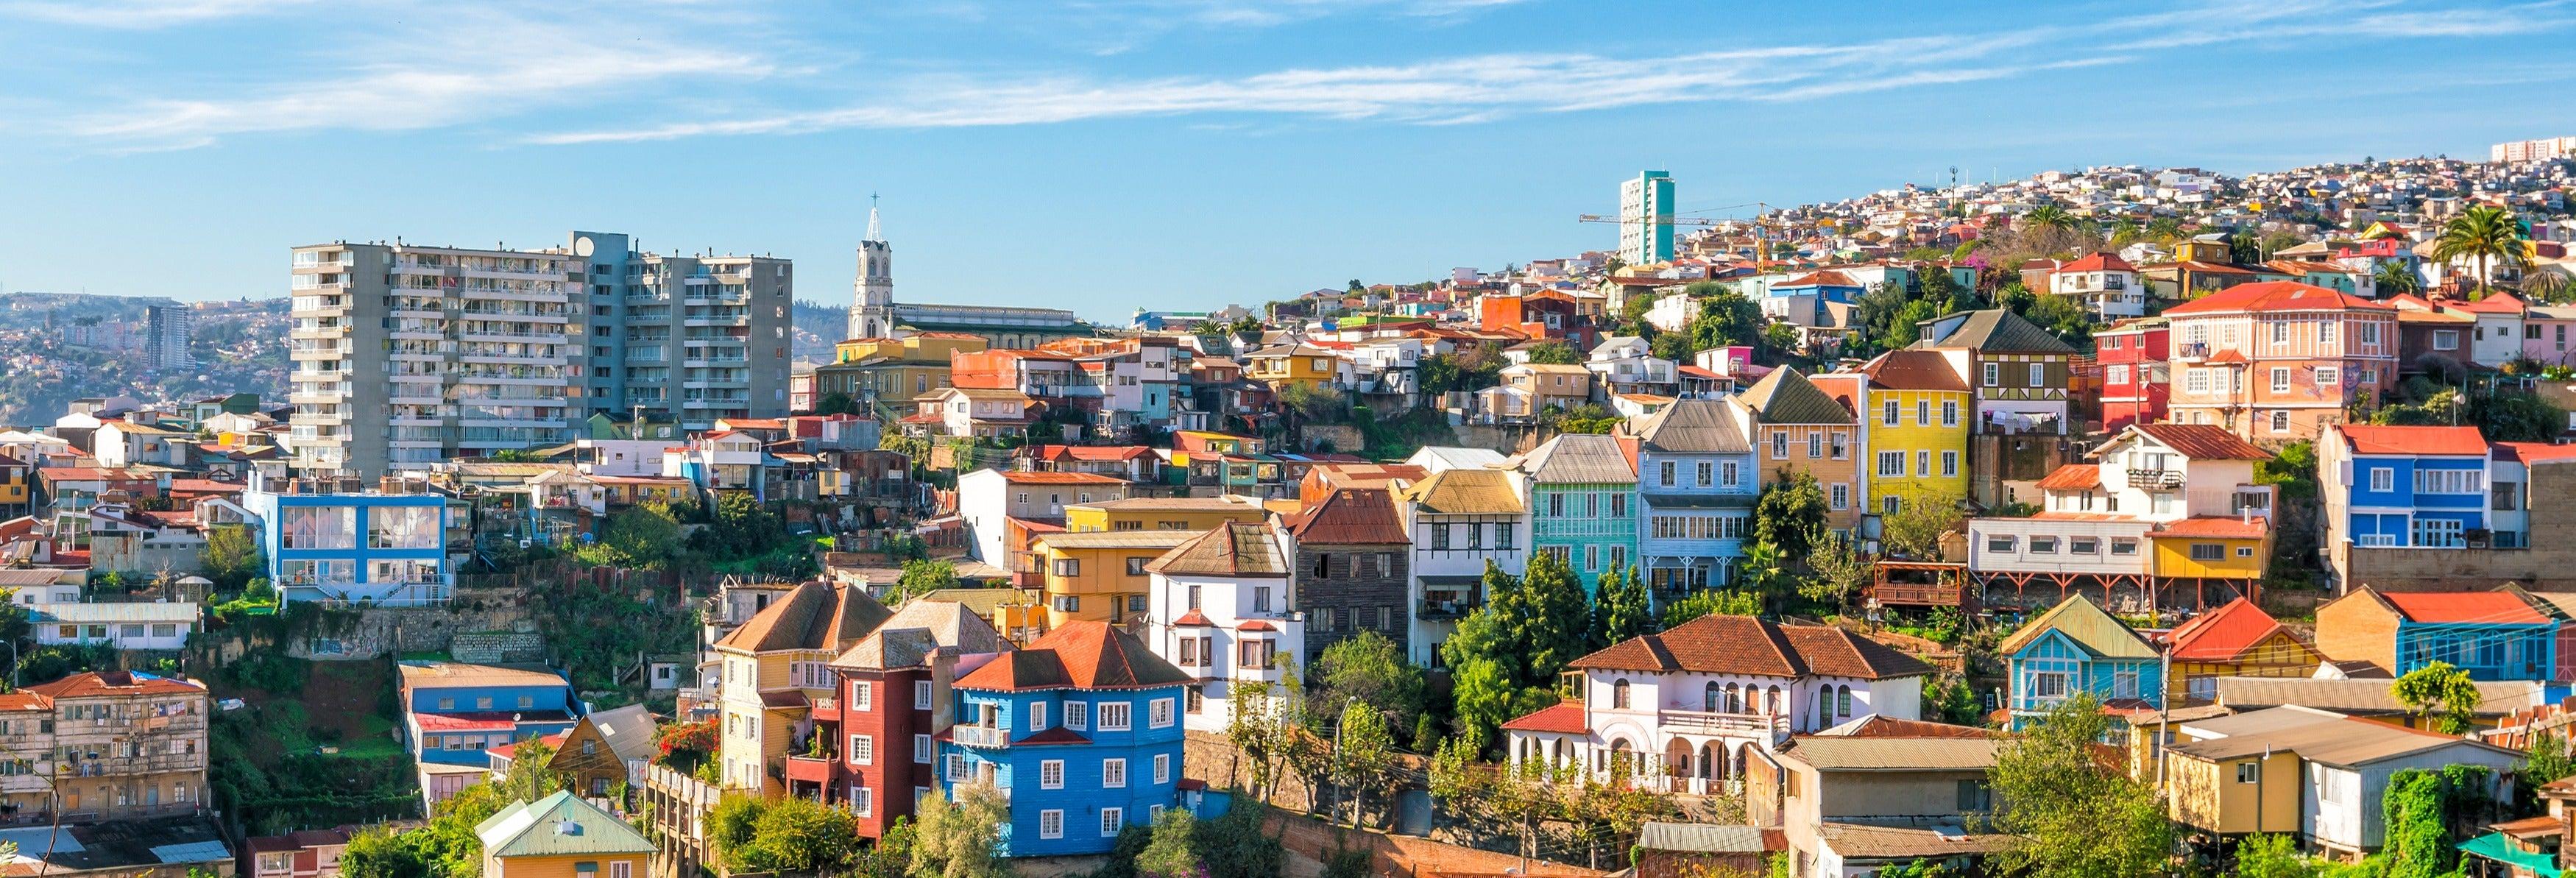 Tour panorámico en trolebús por Valparaíso